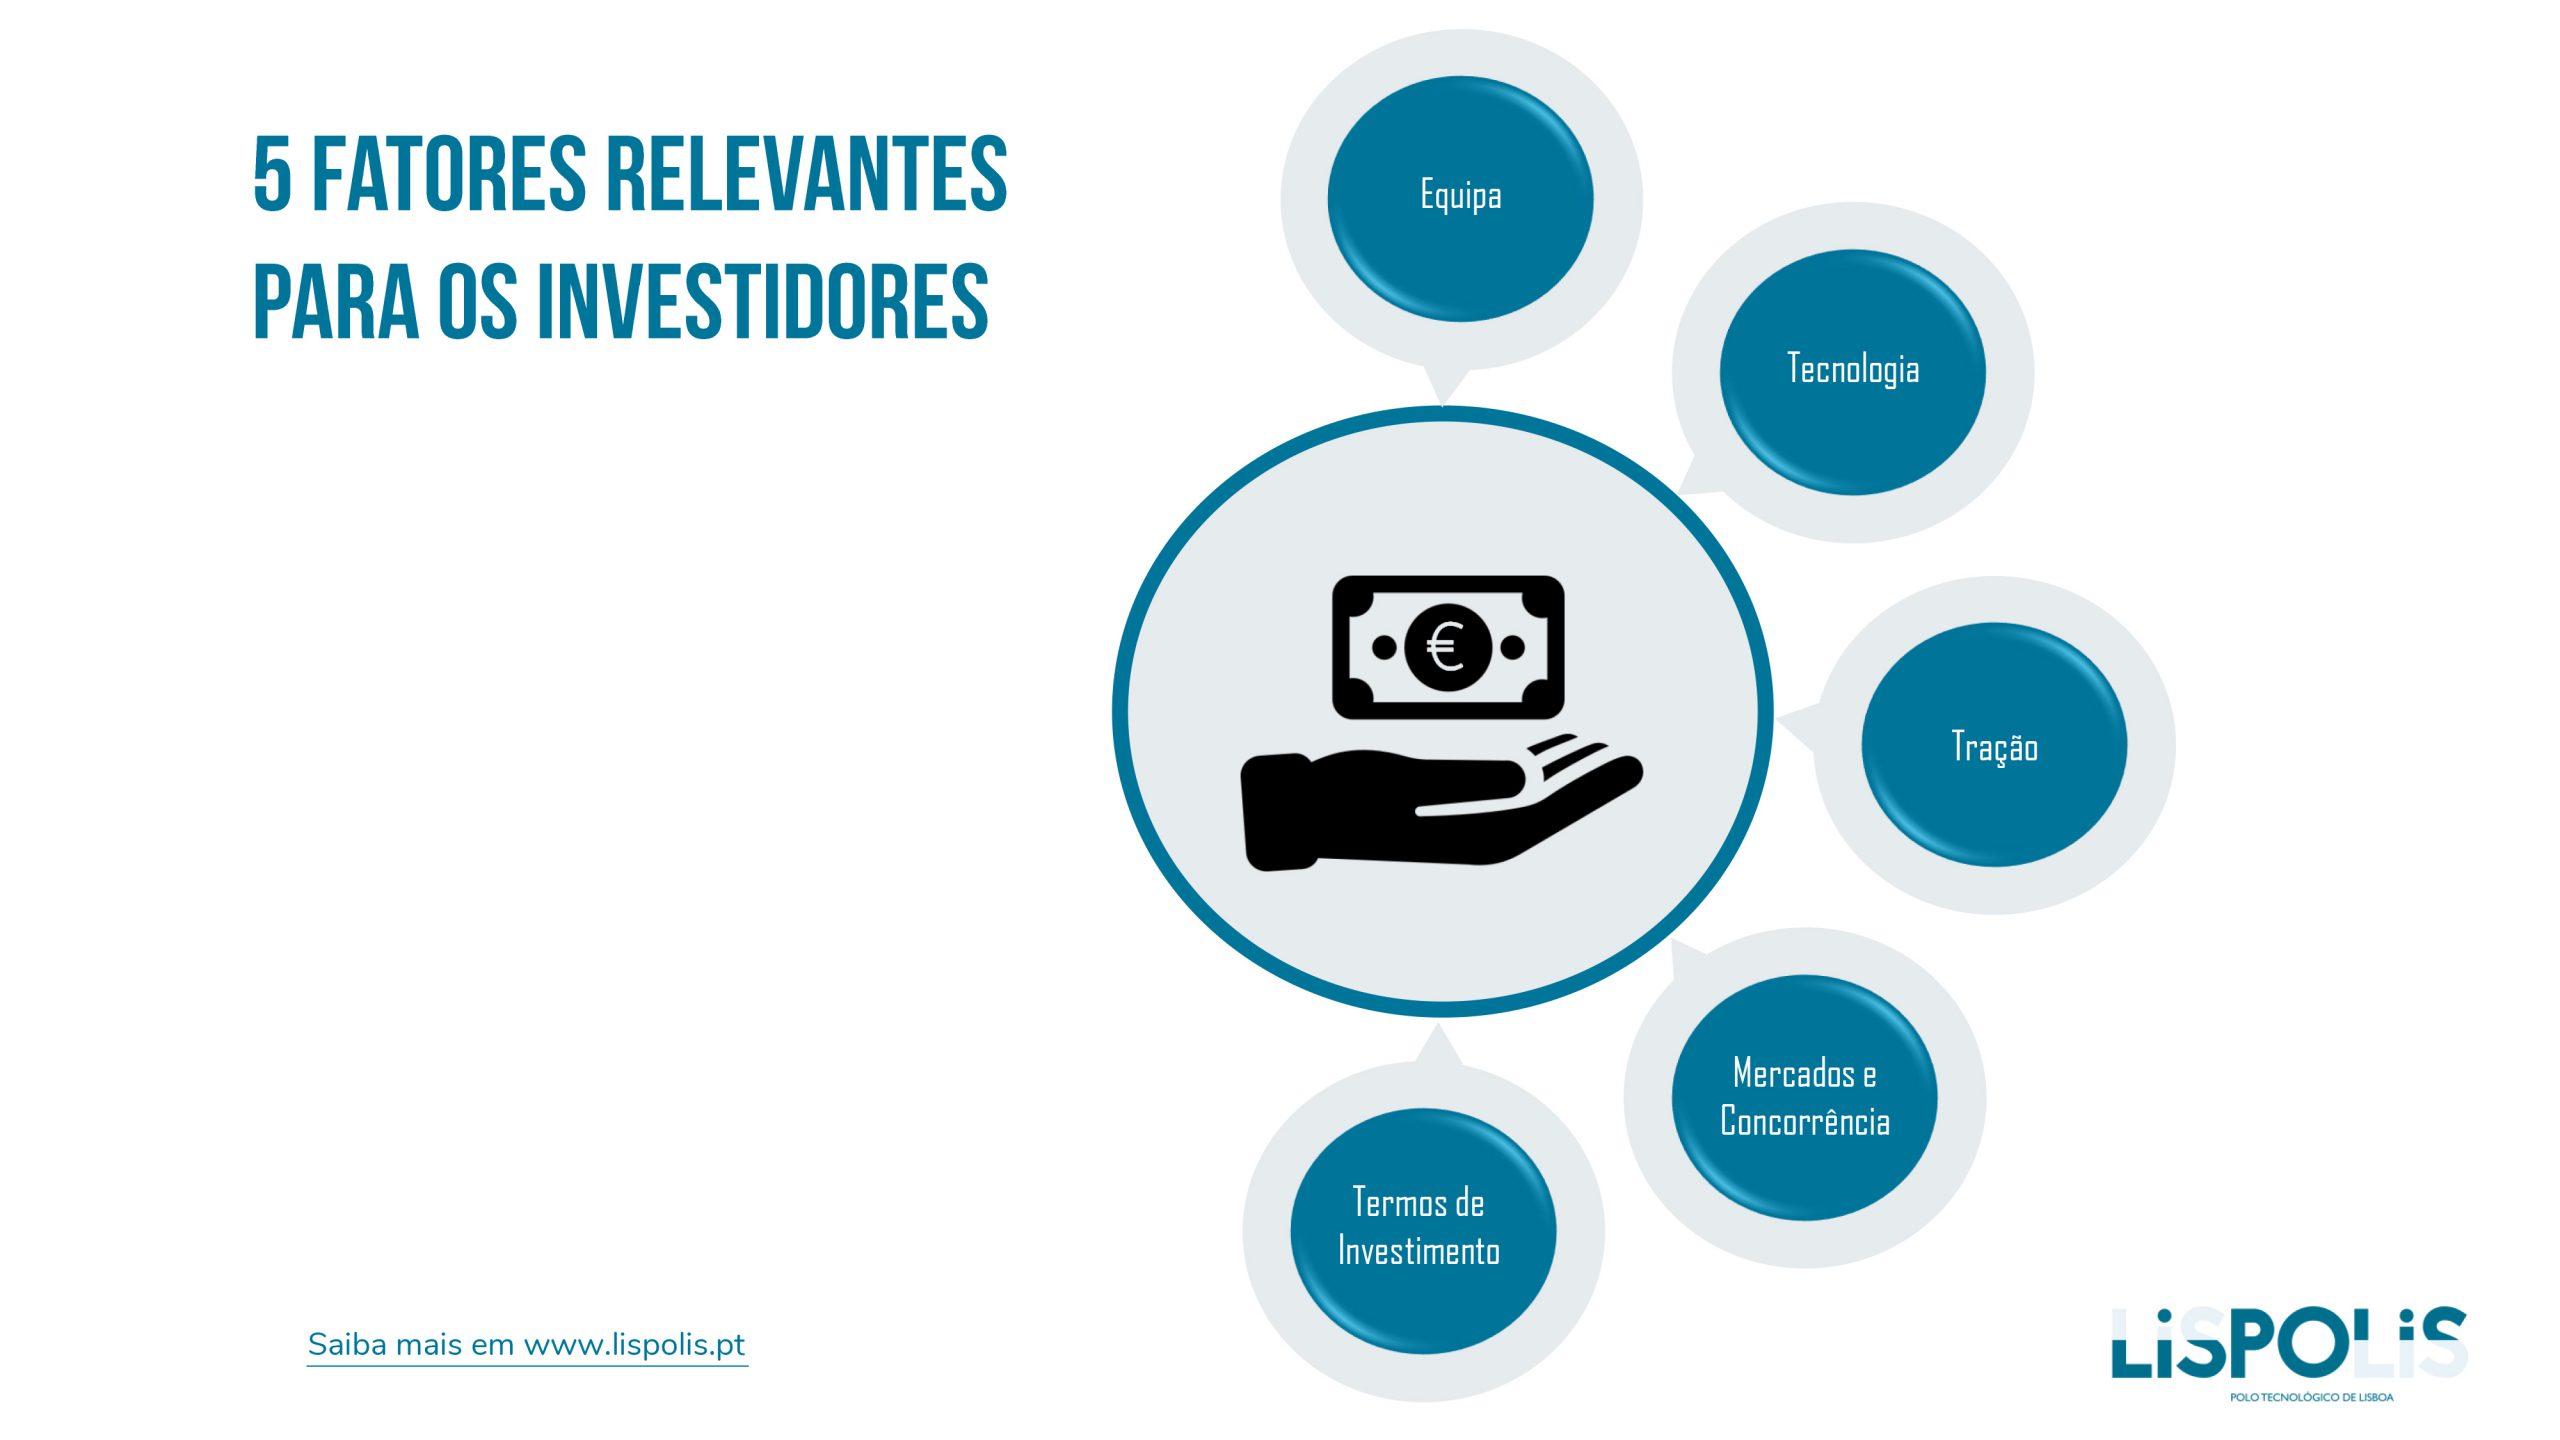 5 fatores relevantes para os investidores